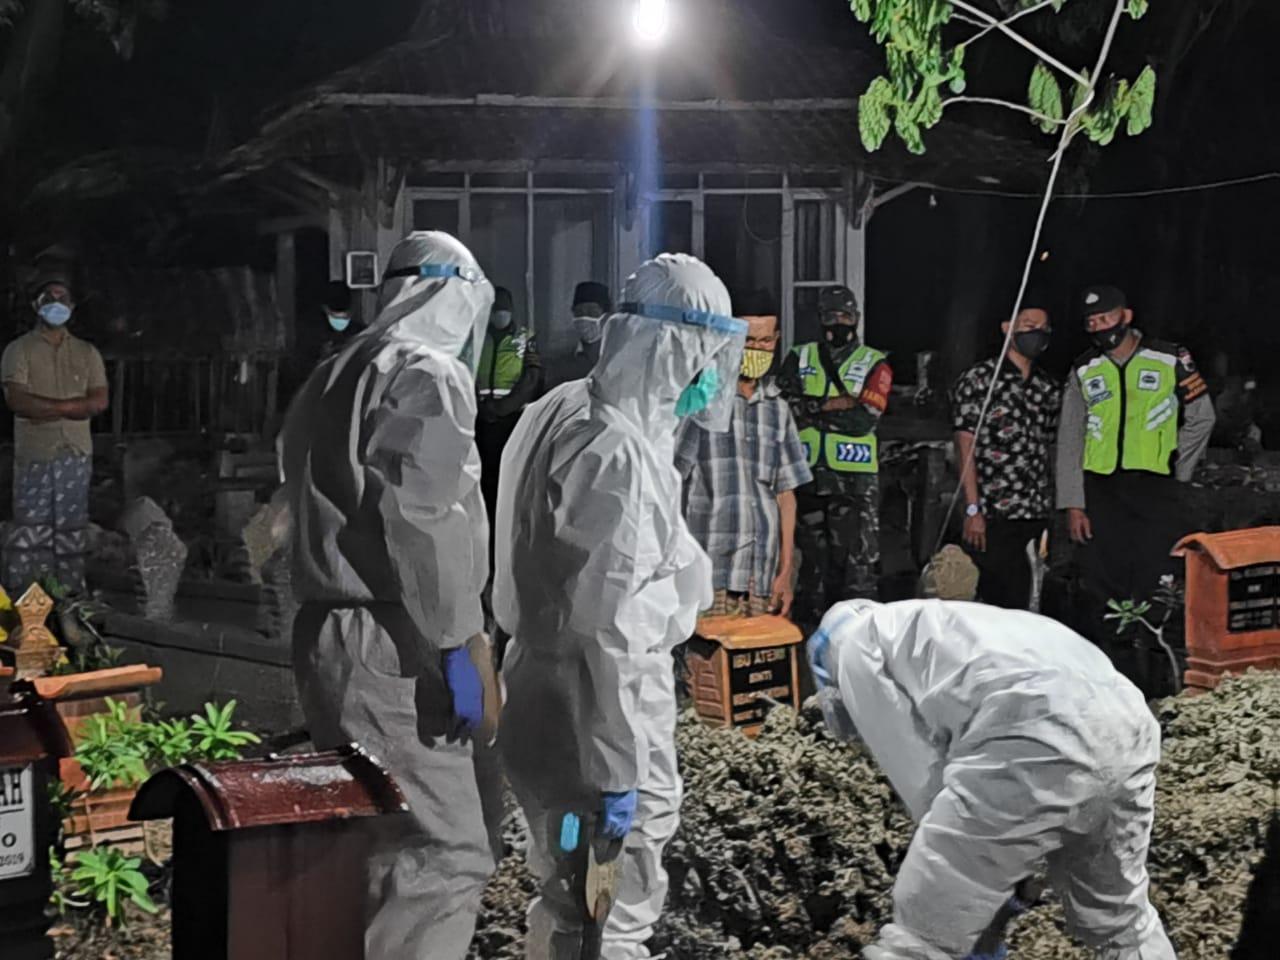 Terkonfirmasi Positif, Warga Kecamatan Guntur Dimakamkan Dengan Protokol Covid-19